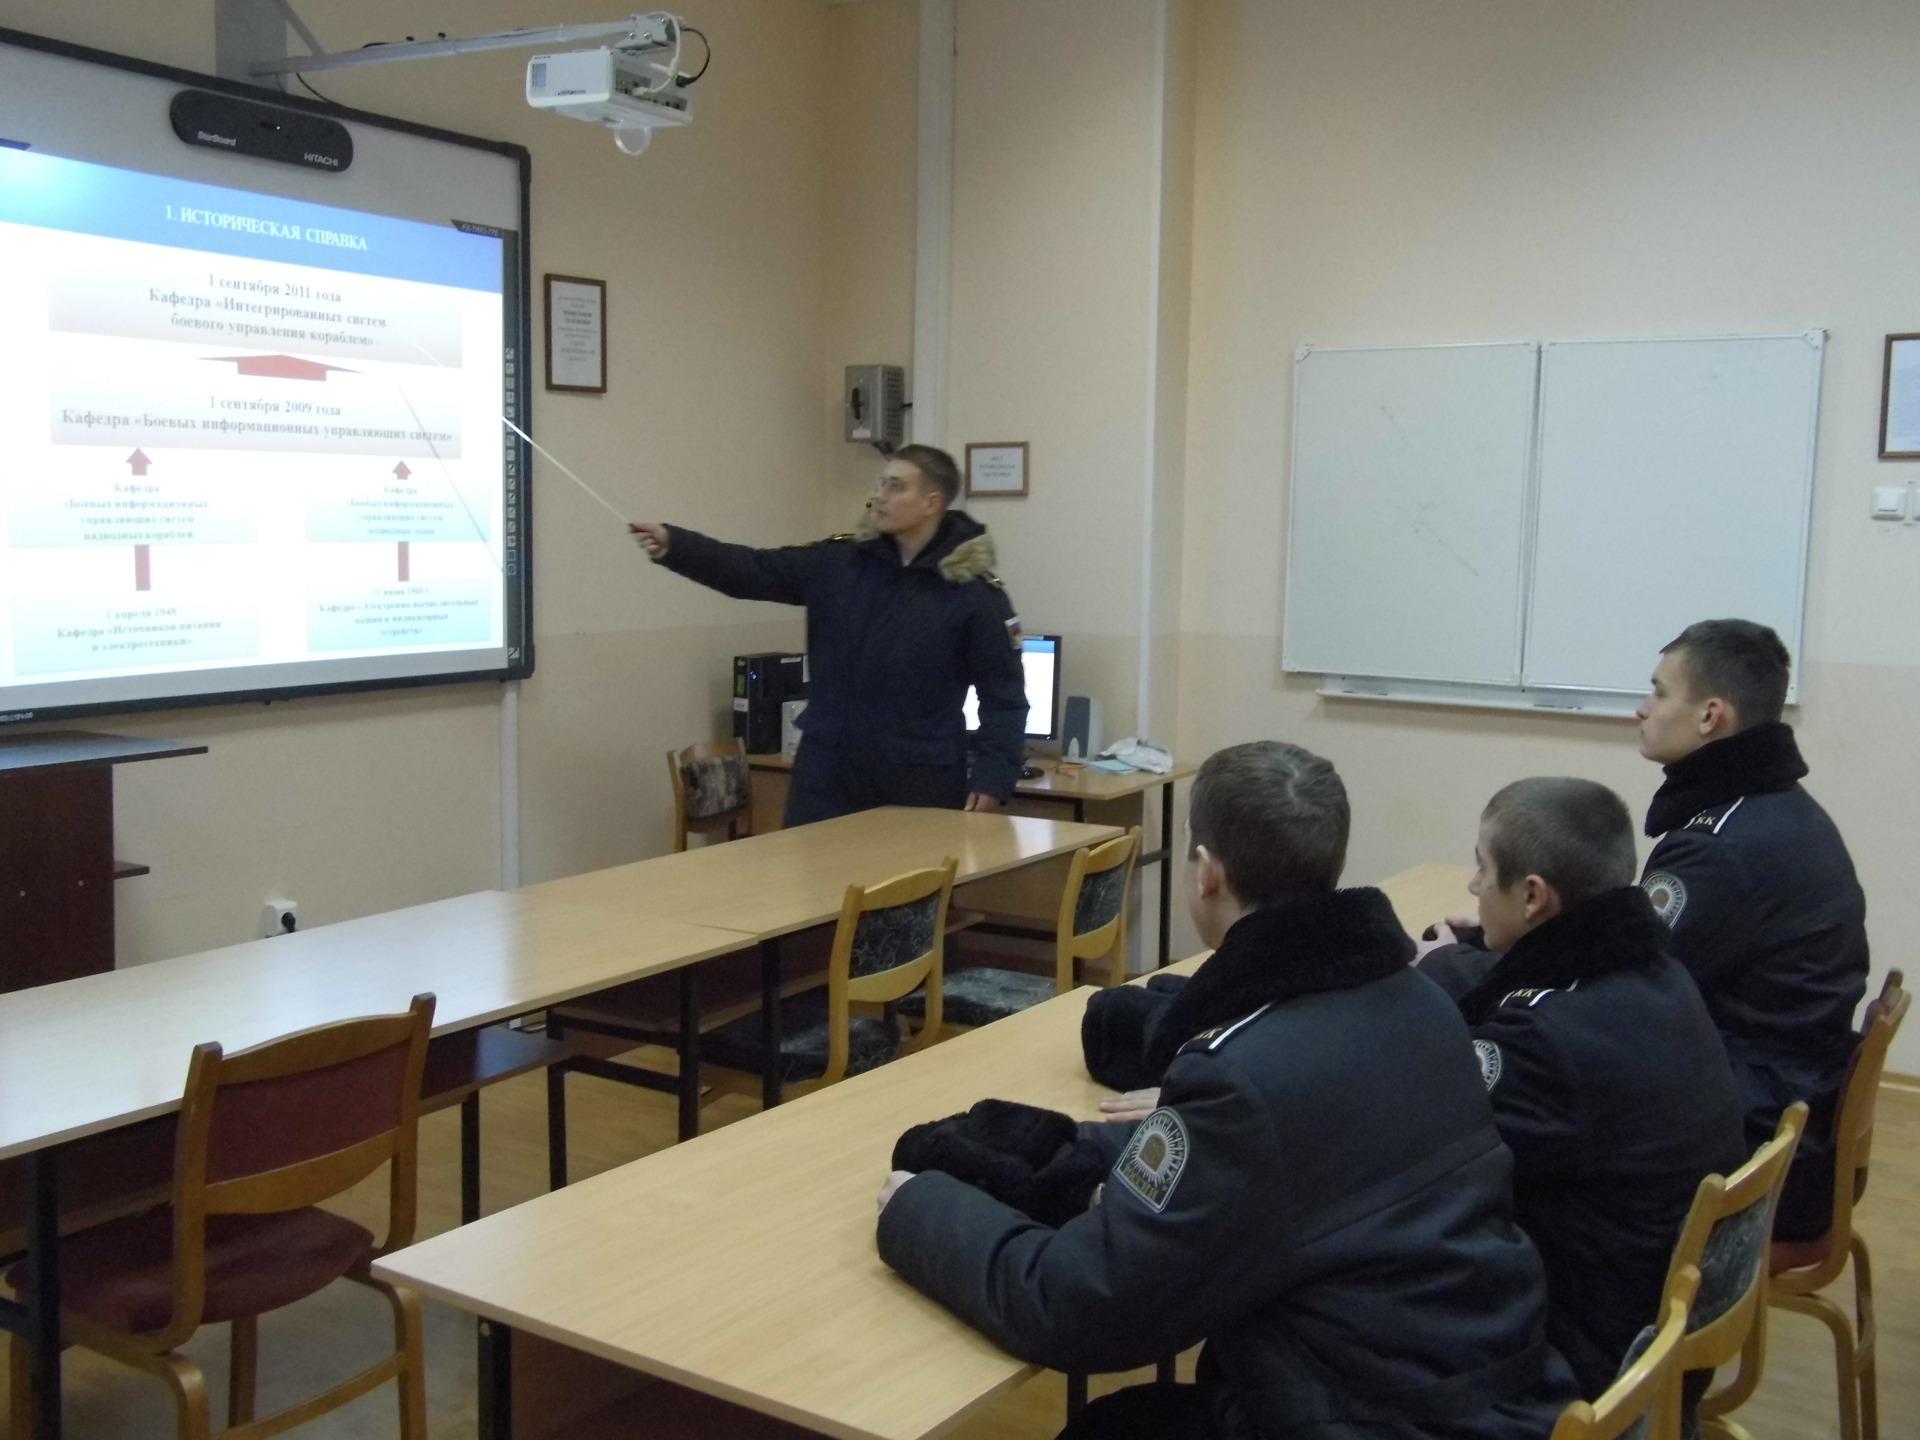 занятие на кафедре ИСБУК прпроводит выпускник ТКК Буров С.А.